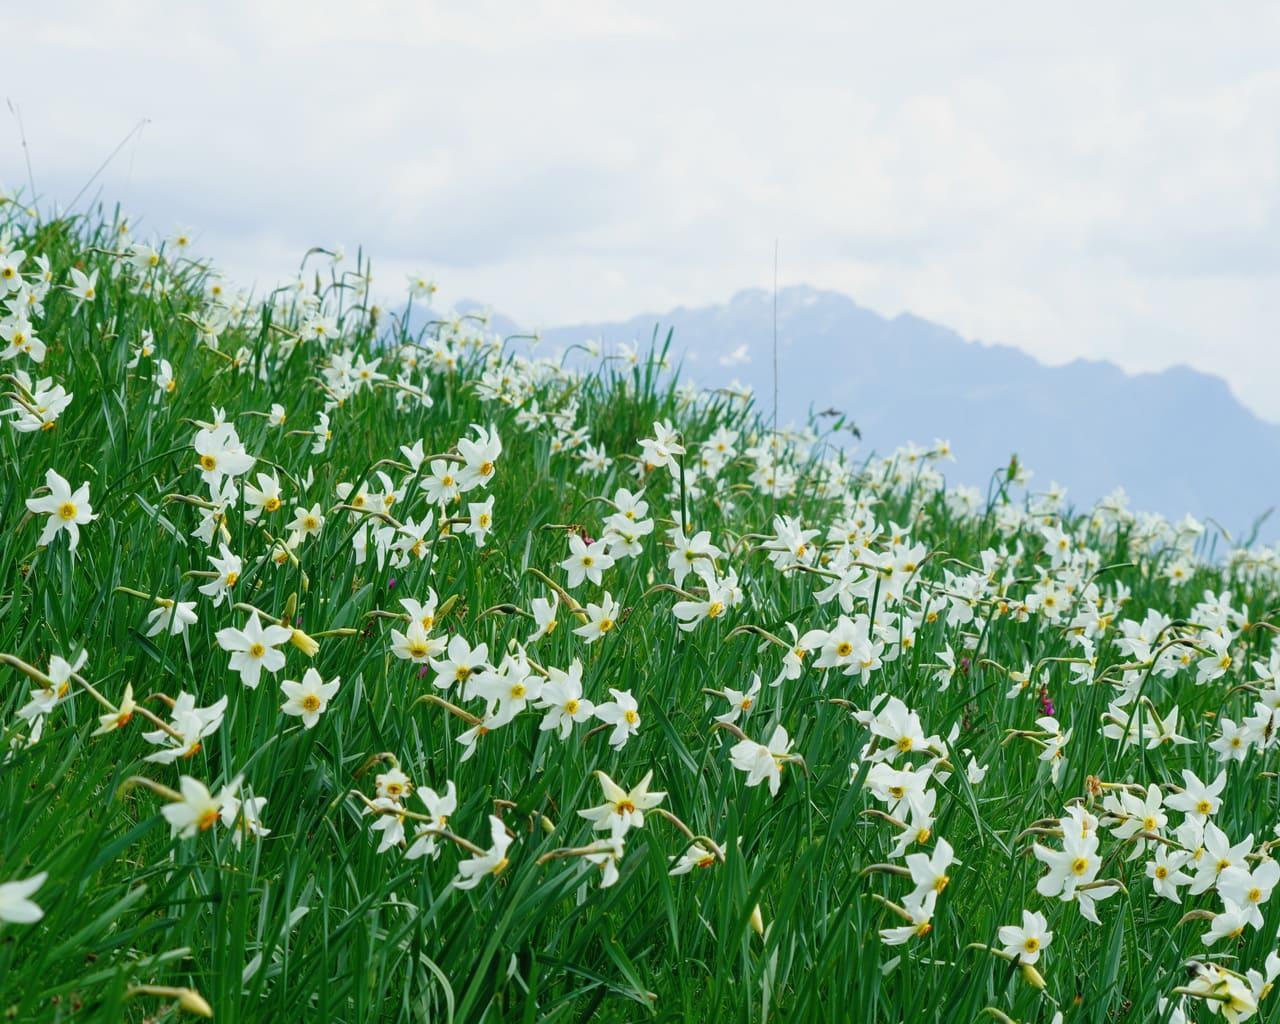 Dichternarzisse, Narcissus poeticus in der natürlichen Landschaft, Von Gherzak Lizenzfreie Stockfotonummer: 1101887909